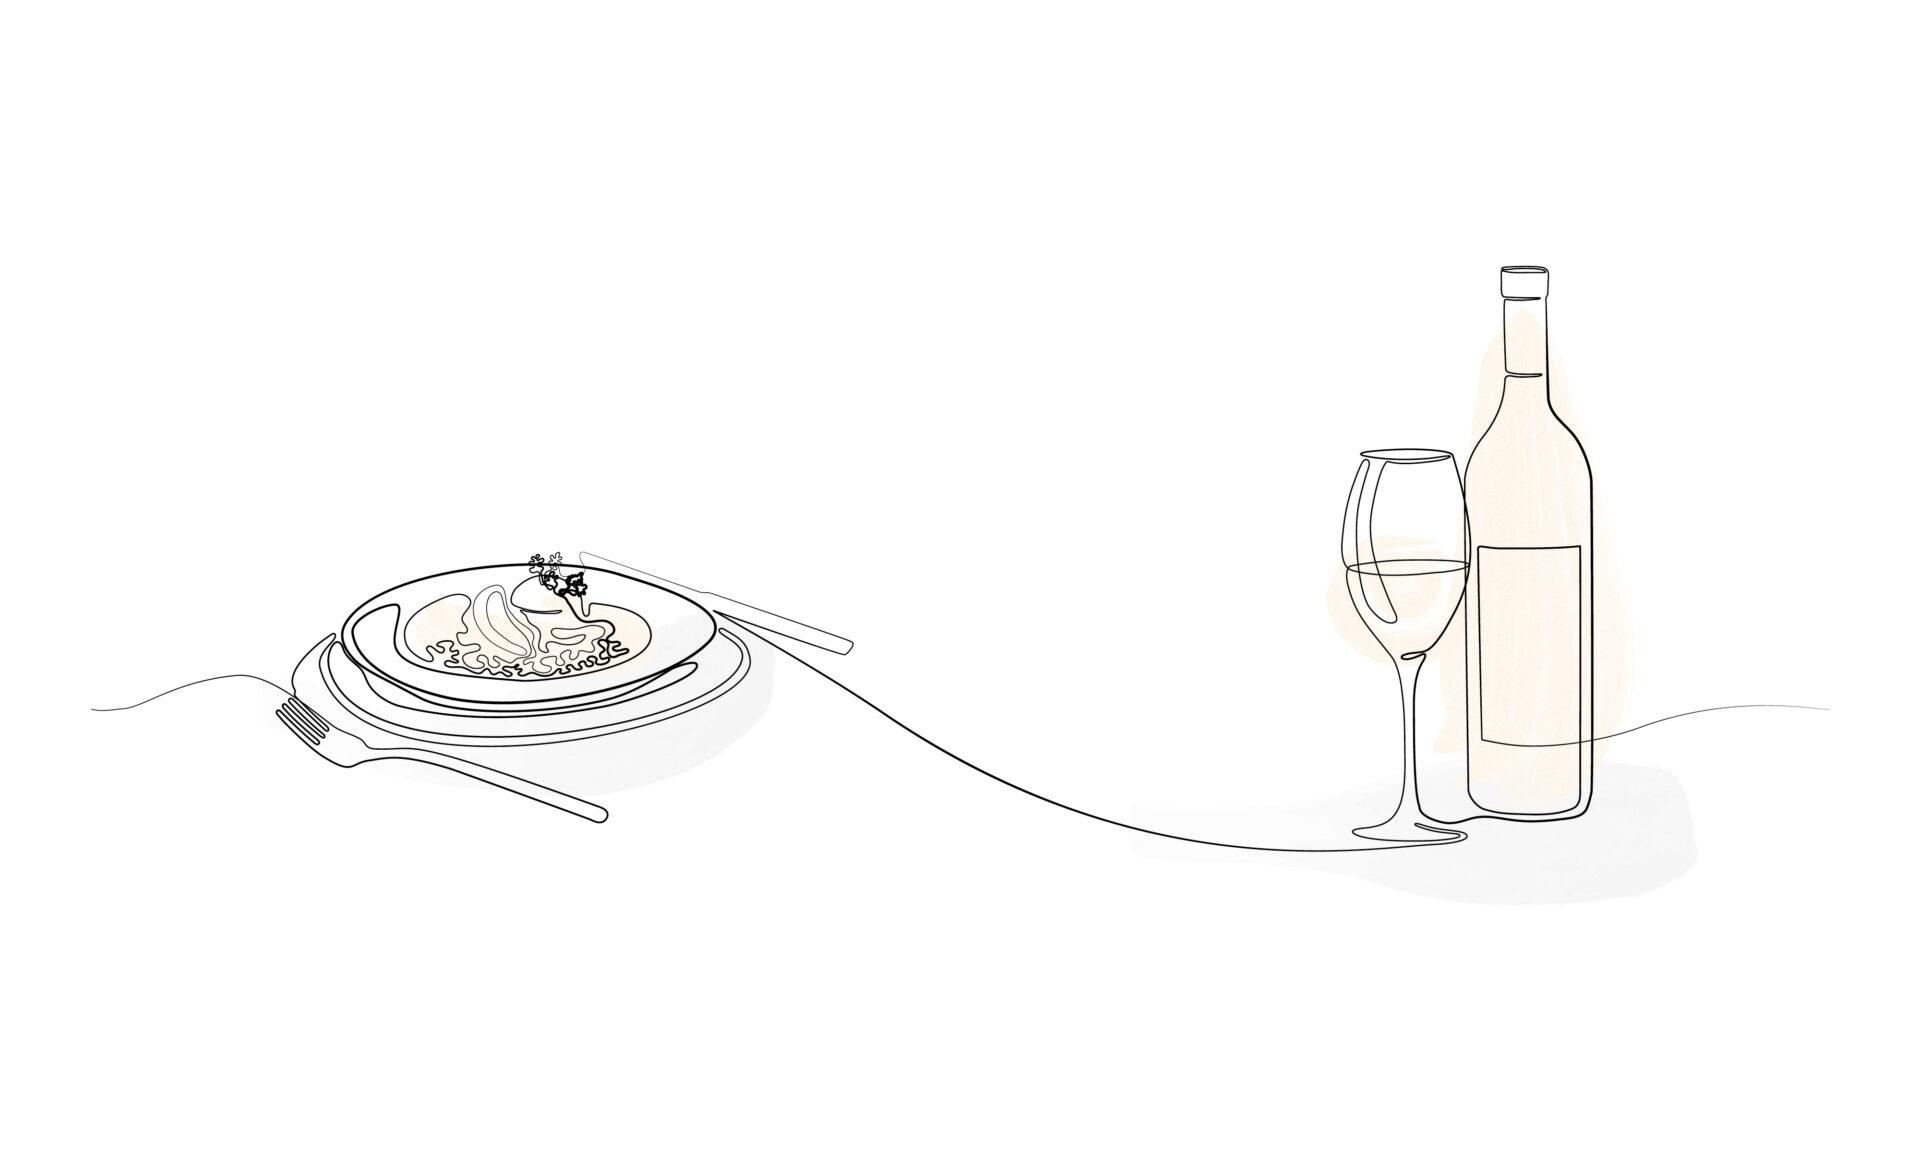 Illustration Gericht serviert mit Wein